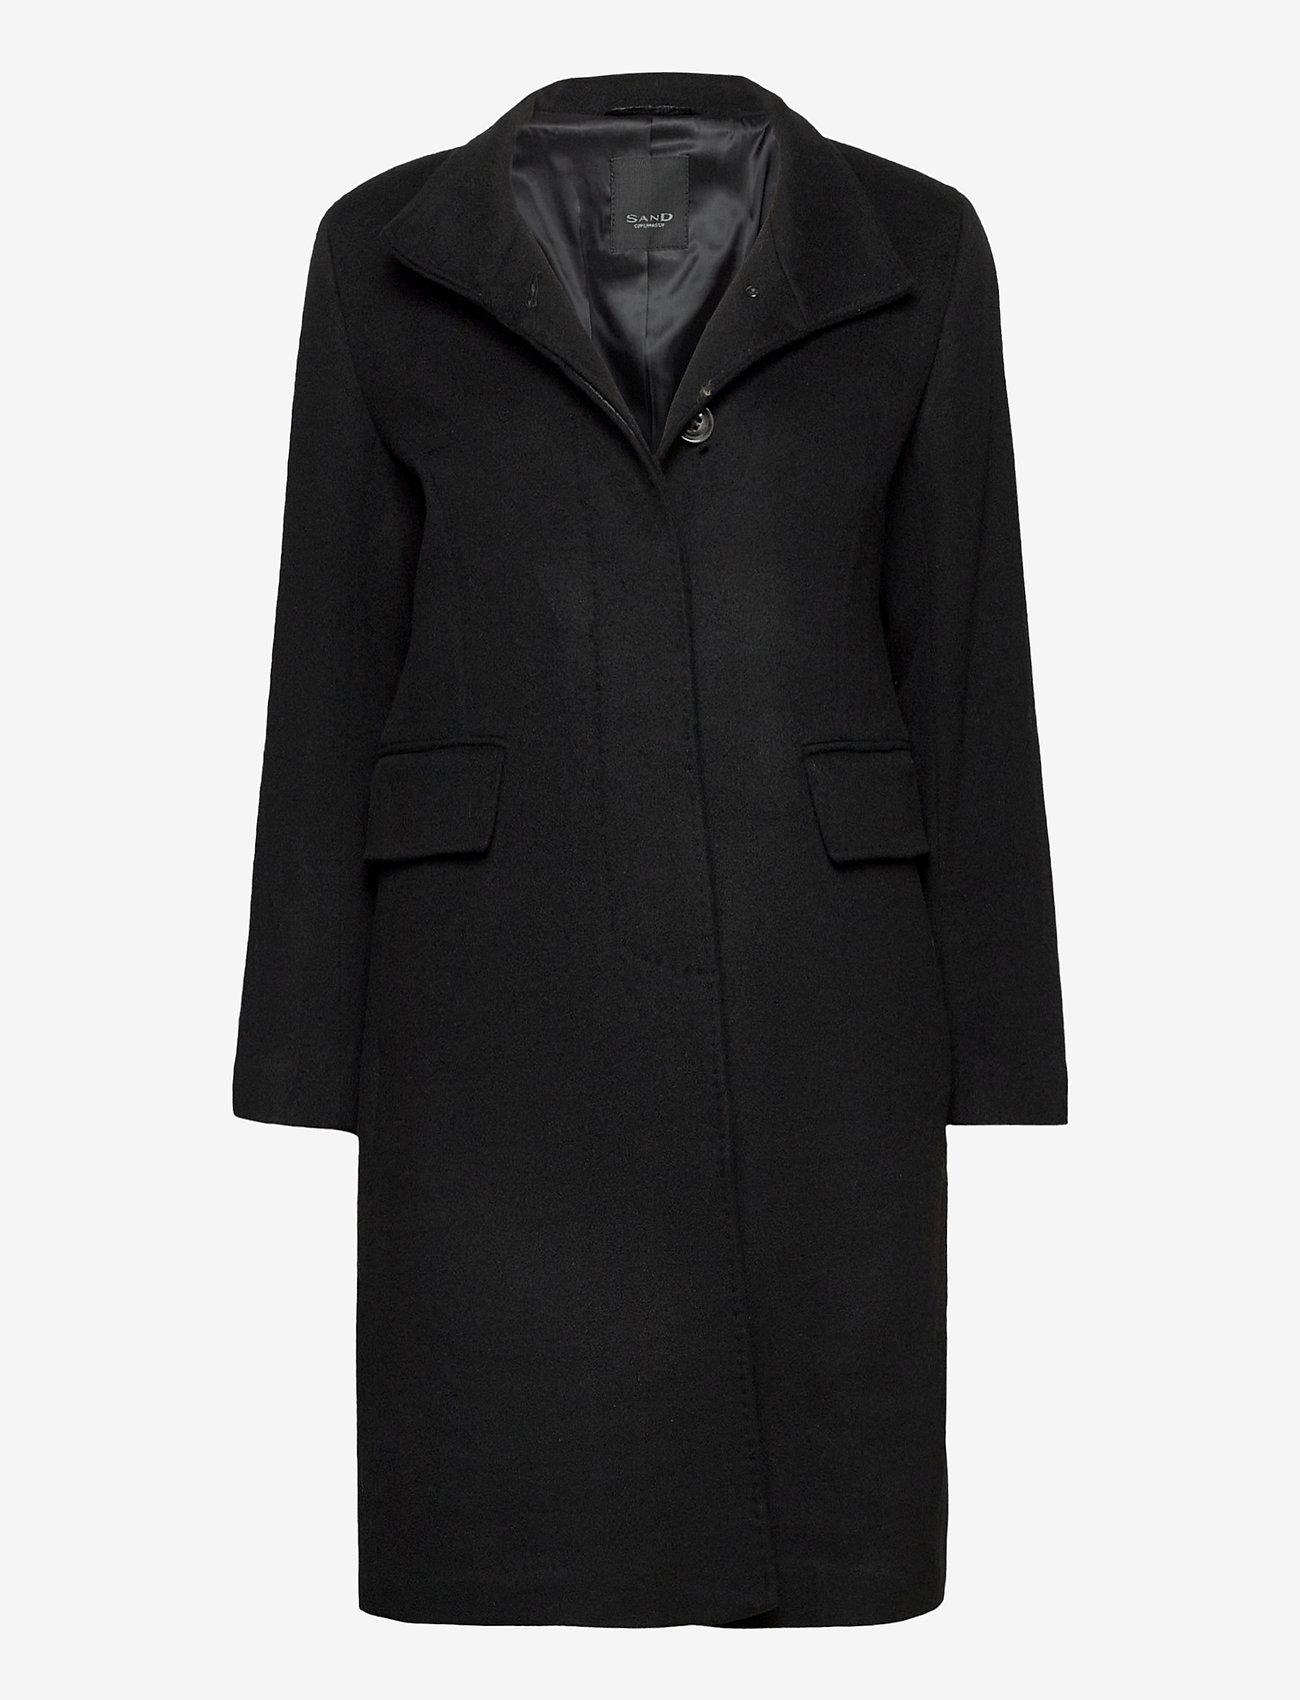 SAND - Cashmere Coat W - Parker 3 - ullkappor - black - 0